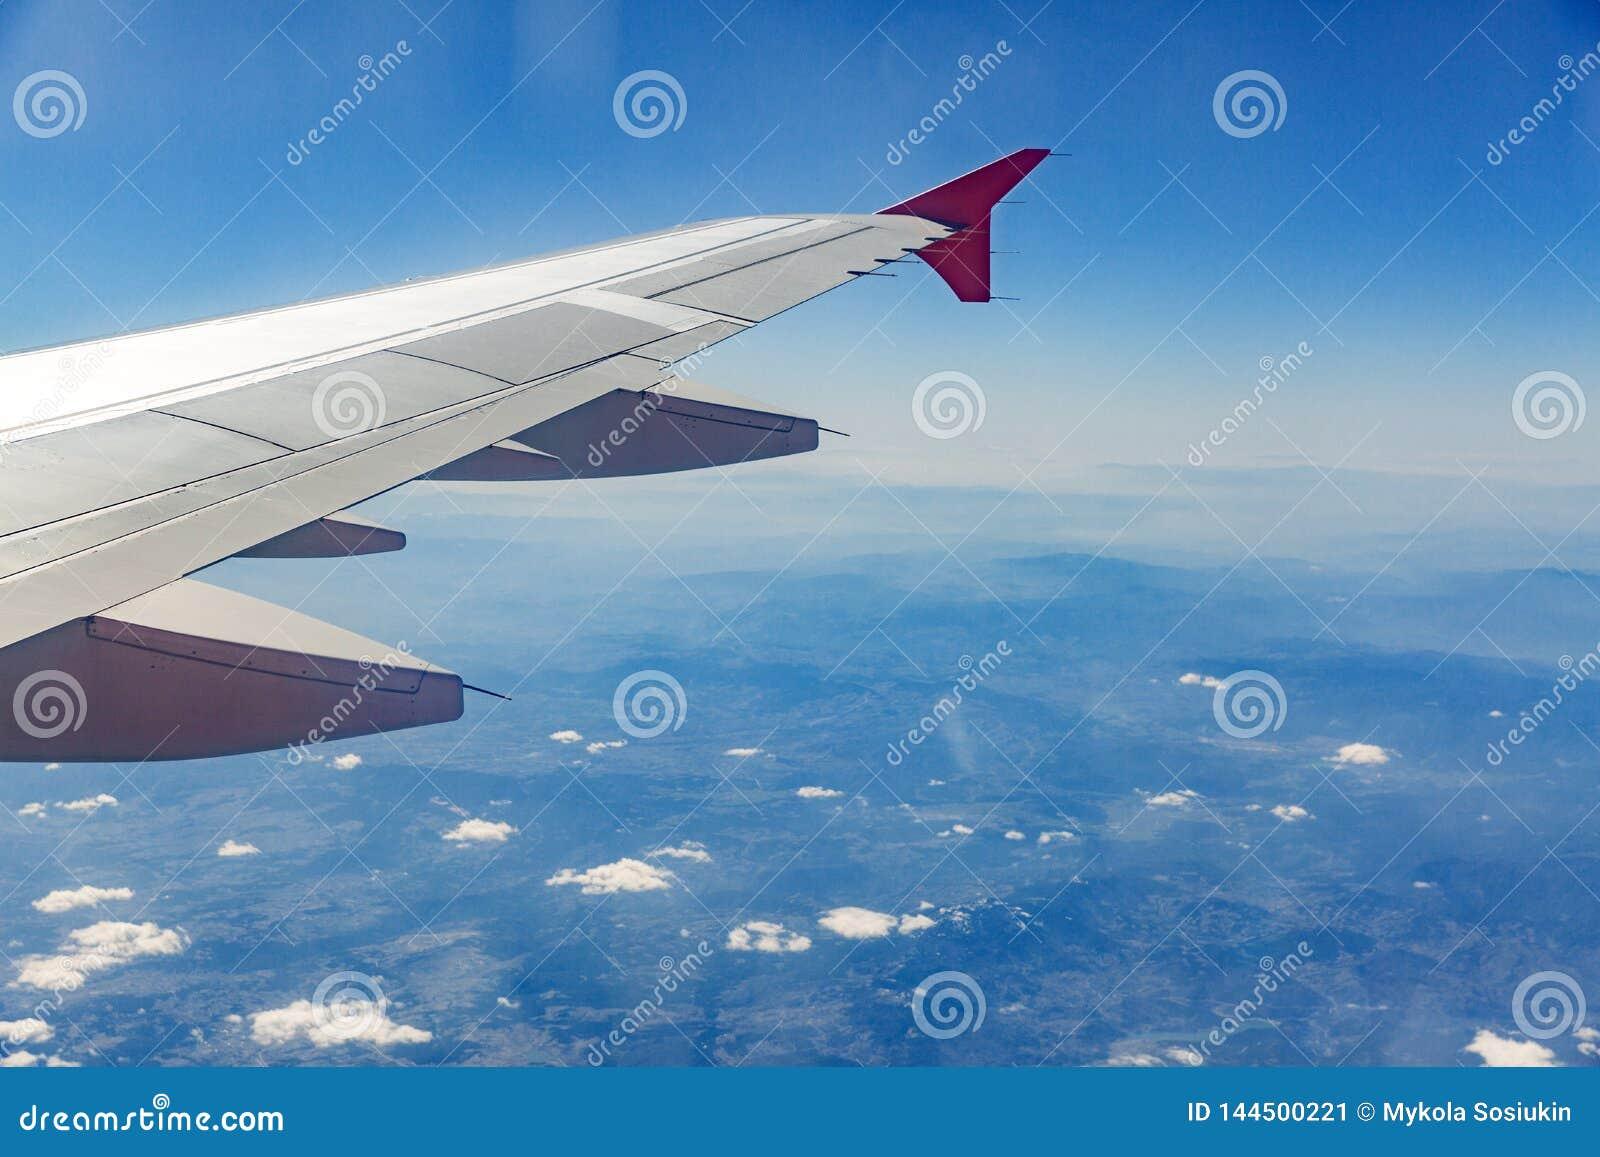 Ala de aviones en las nubes, moscas en el fondo de la ciudad